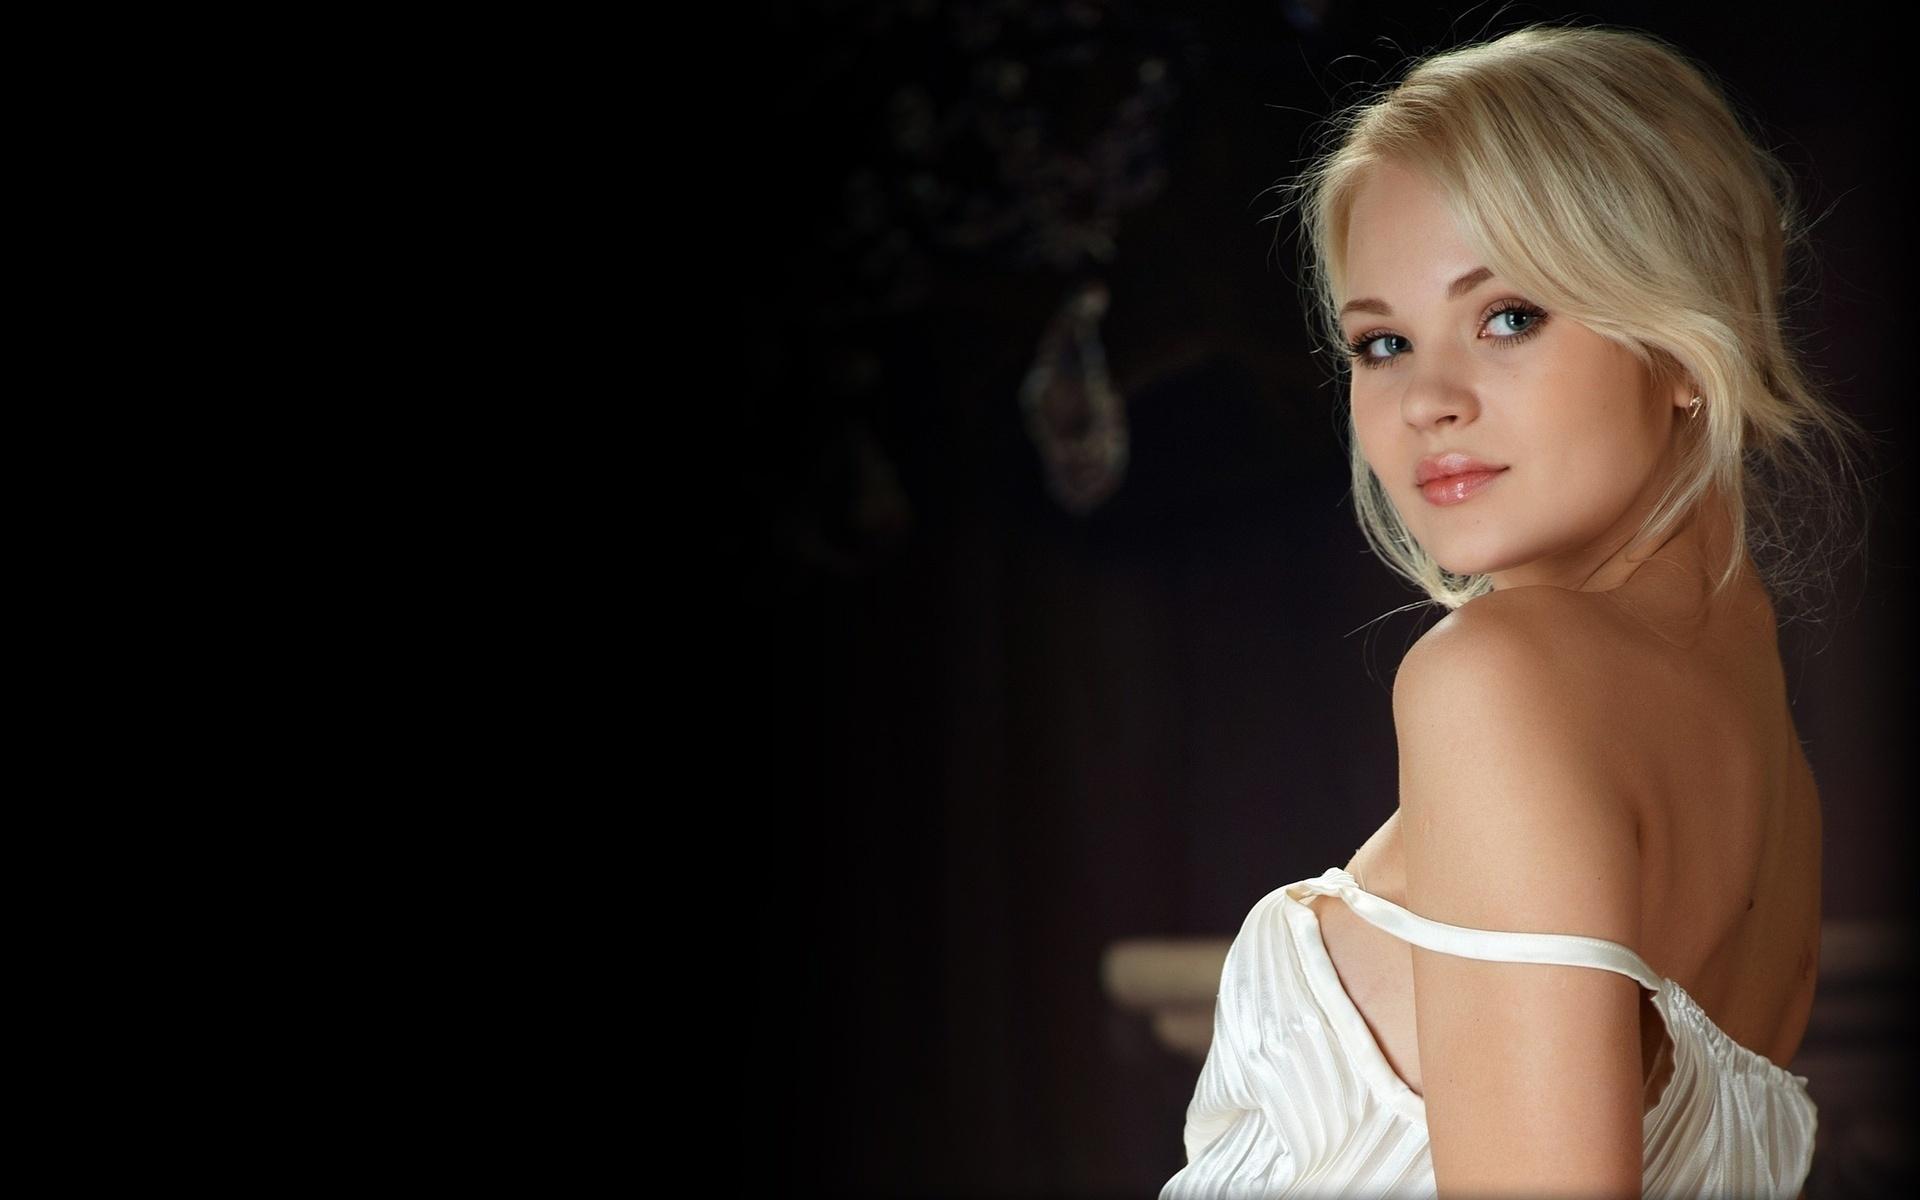 фотосессия блондинки домашняя